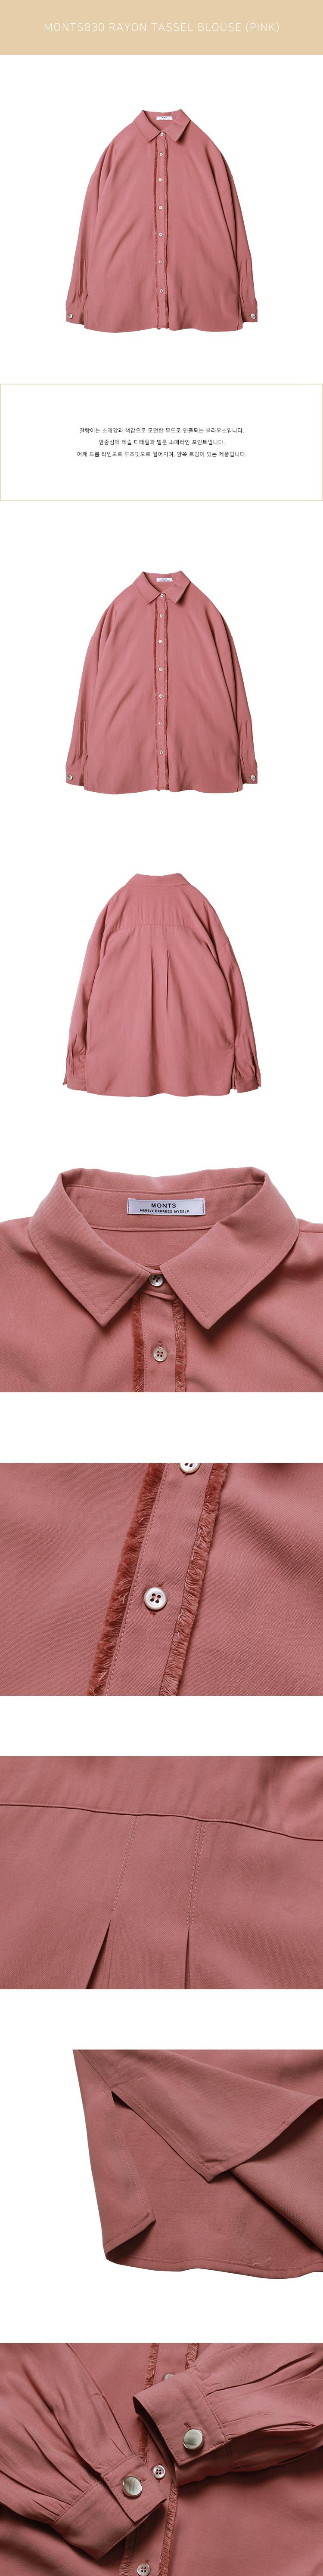 몬츠(MONTS) 830 rayon tassel blouse (pink)